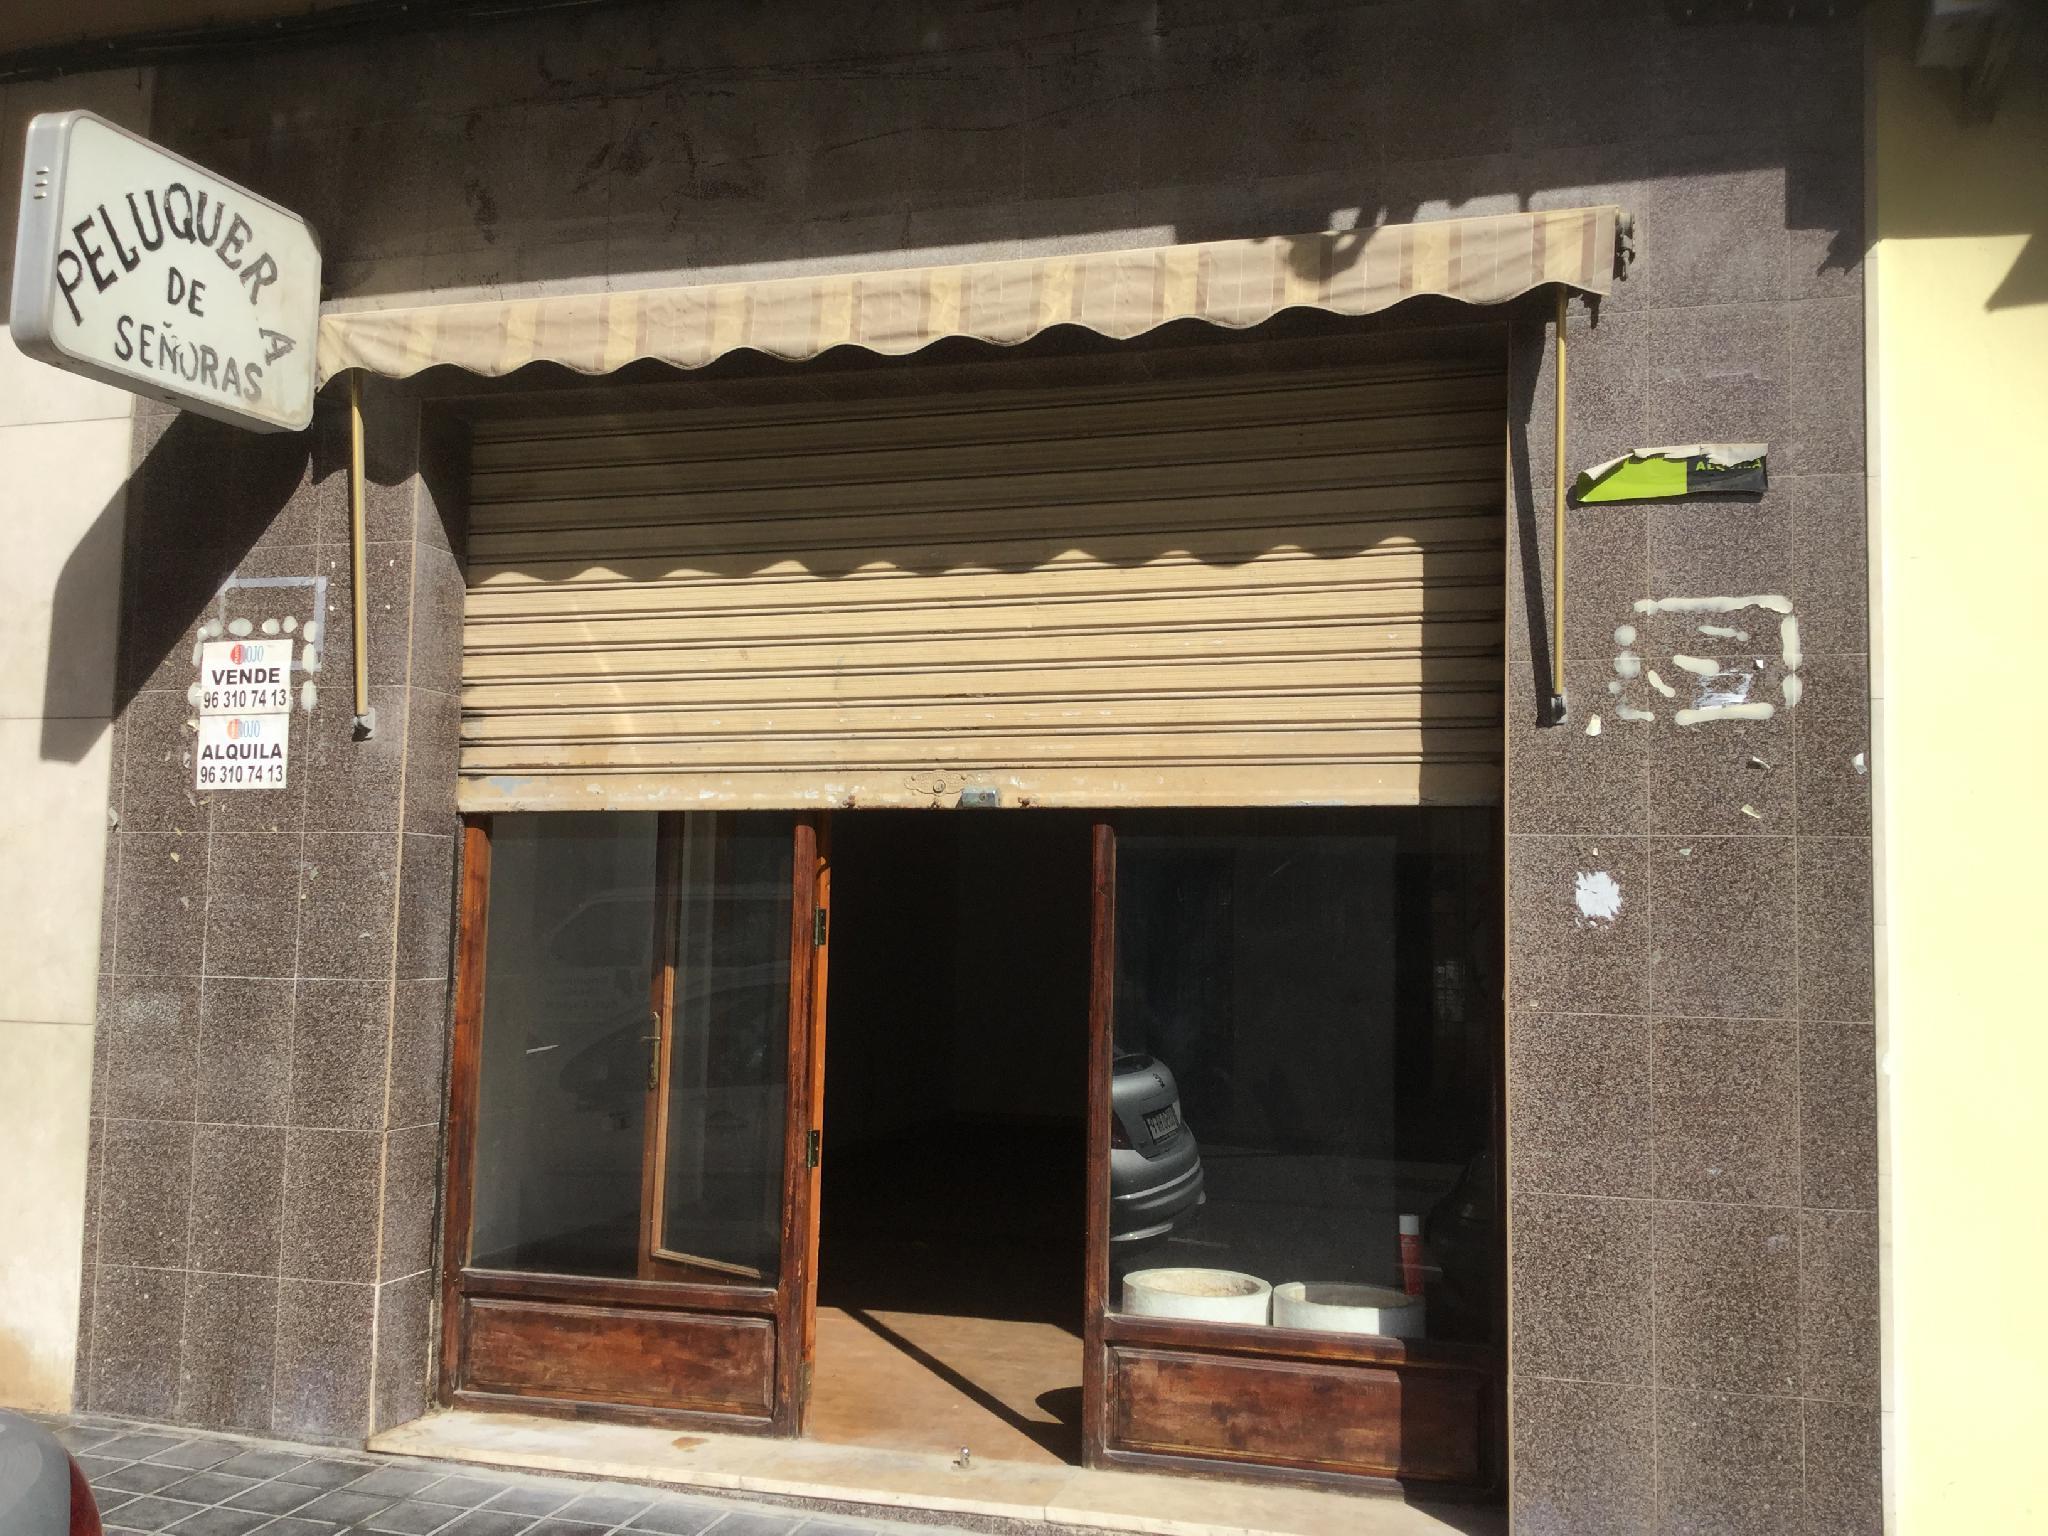 152356 - Junto calle Jesus y Gaspar Aguilar